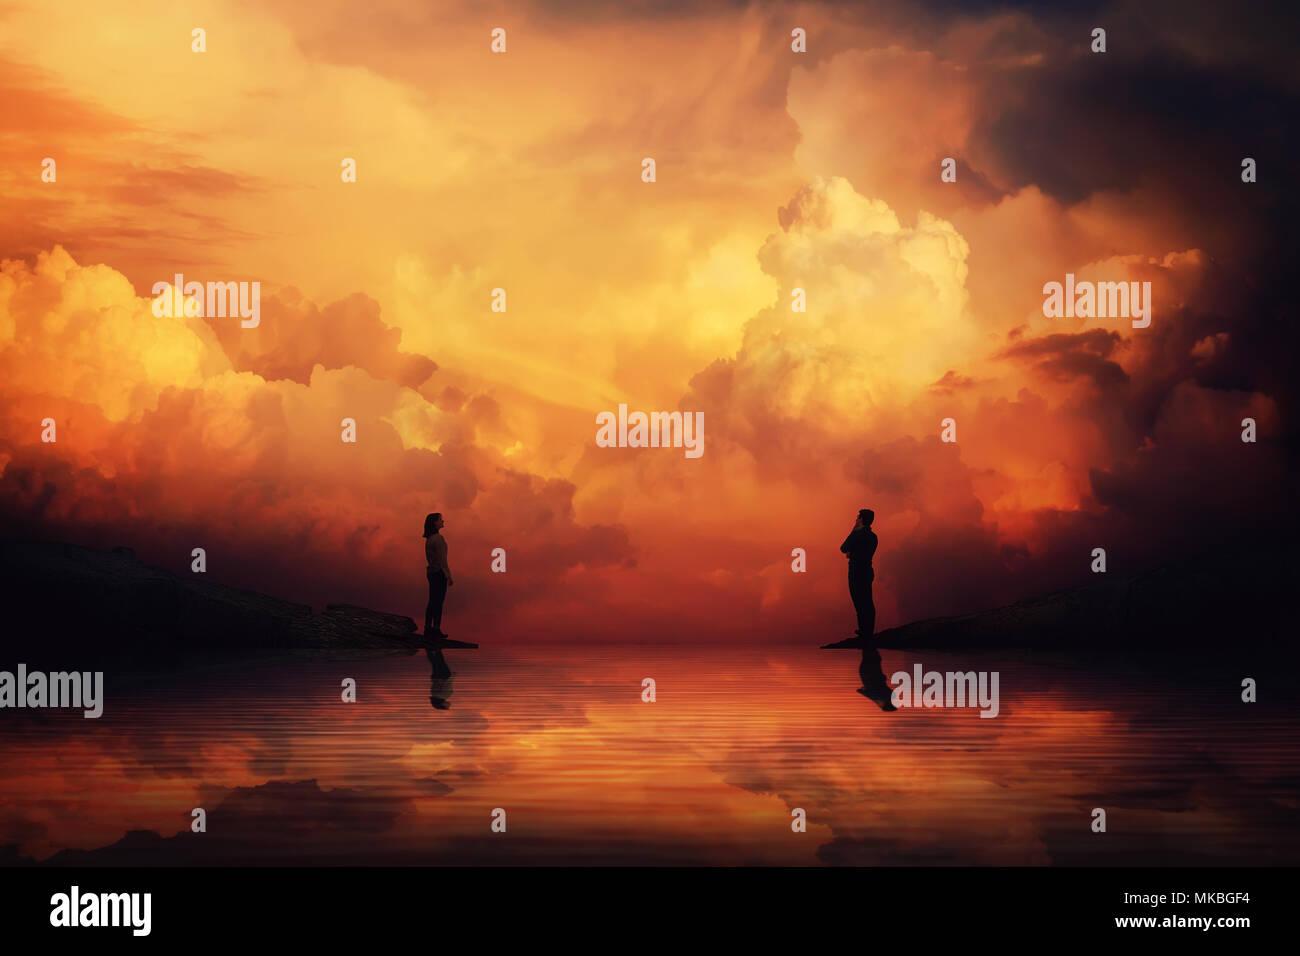 L uomo e la donna stanno su lati diversi di una banca di fiume pensando a come raggiungere ogni altro su uno scenario di sfondo al tramonto. La costruzione di un ponte immaginario Immagini Stock